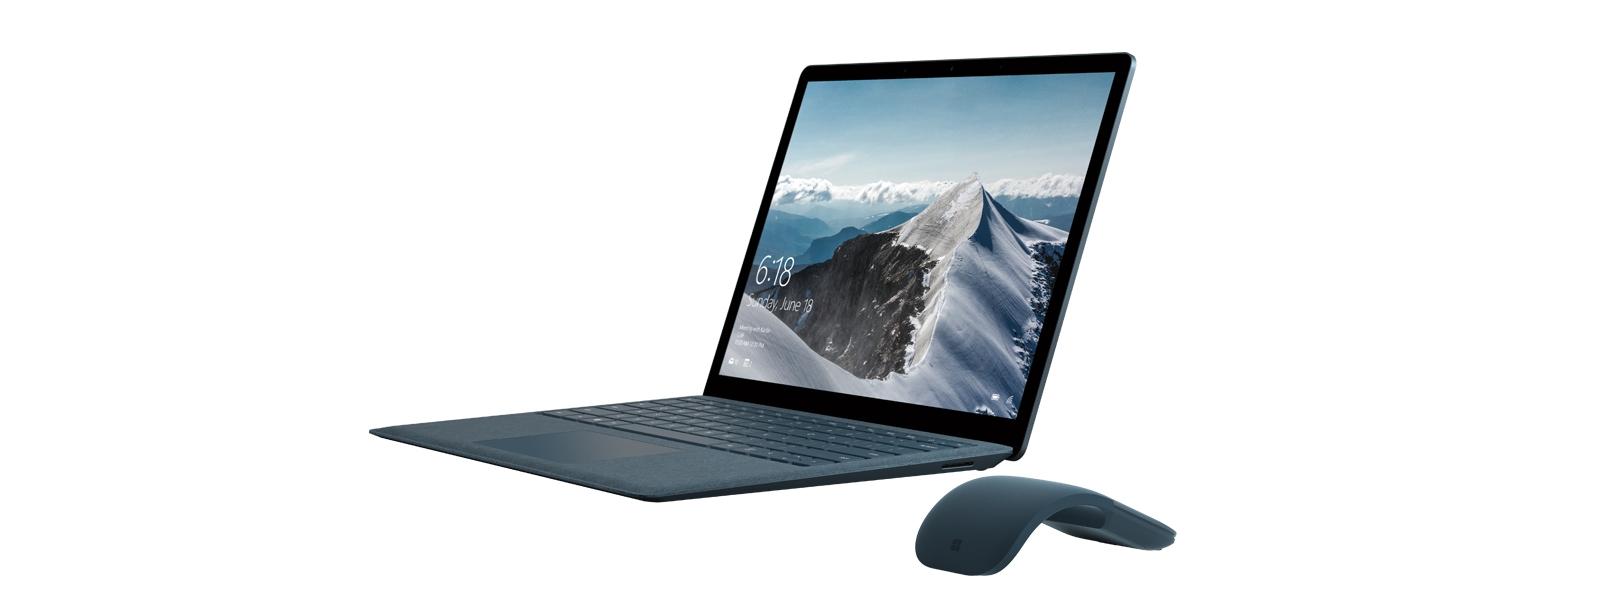 コバルト ブルーのアーク タッチ マウスが横に置かれた、雪山の背景画面が表示されたコバルト ブルーの Surface Laptop を斜めから見た図。